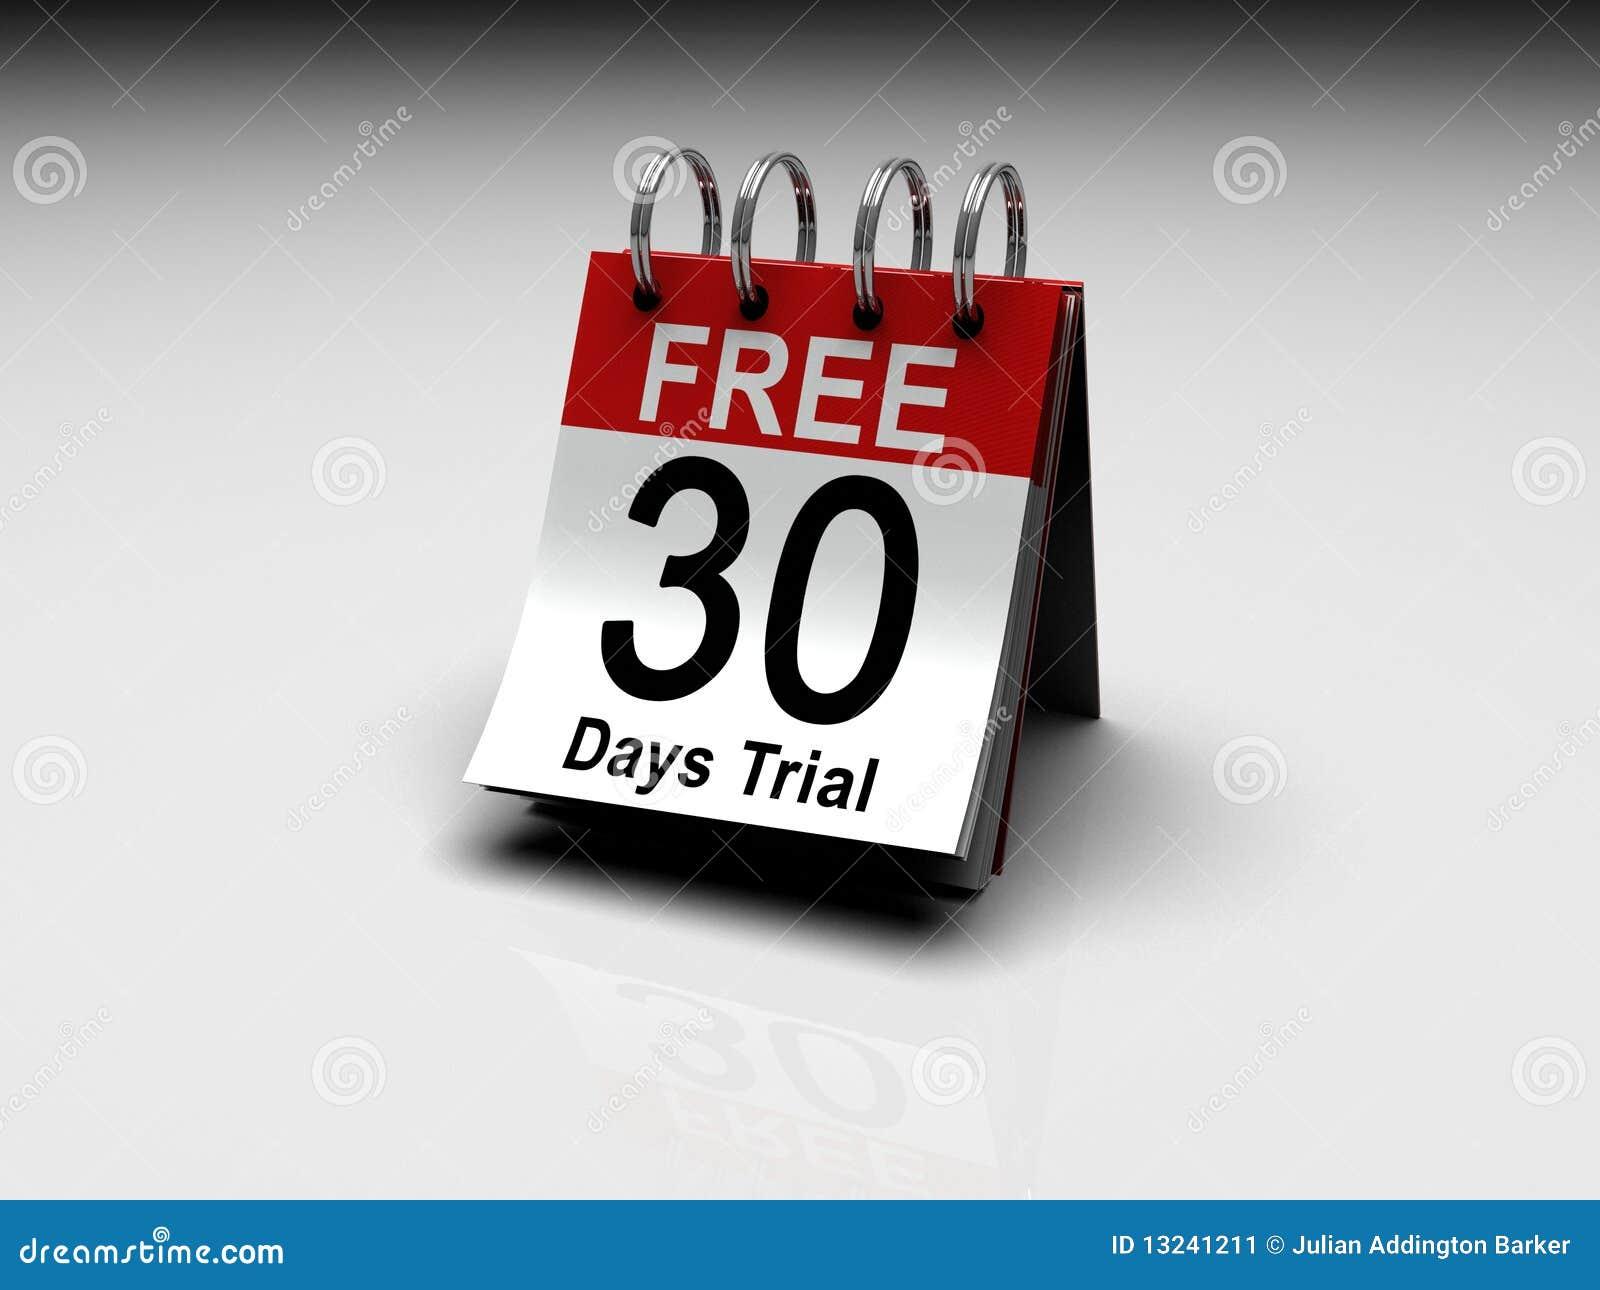 Ensayo libre de 30 días